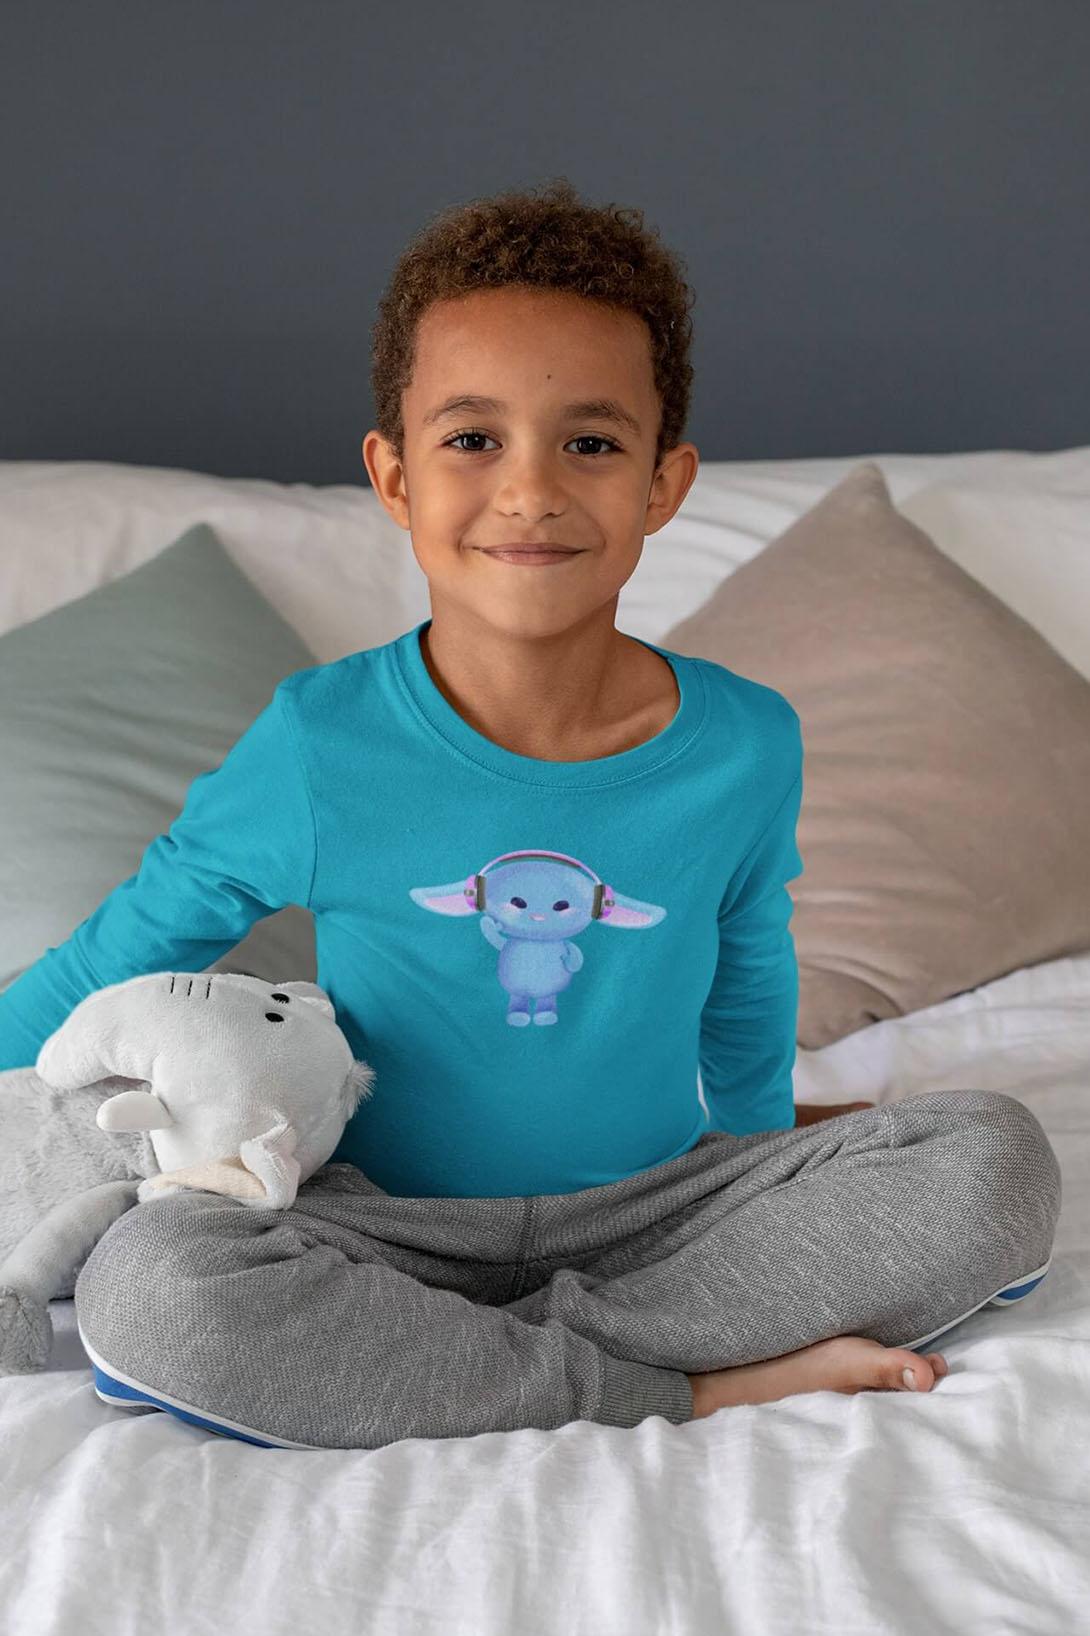 MMO Detské tričko s dlhým rukávom Zajac so slúchadlami Vyberte farbu:: Malinová, Detská veľkosť: 122/6 rokov